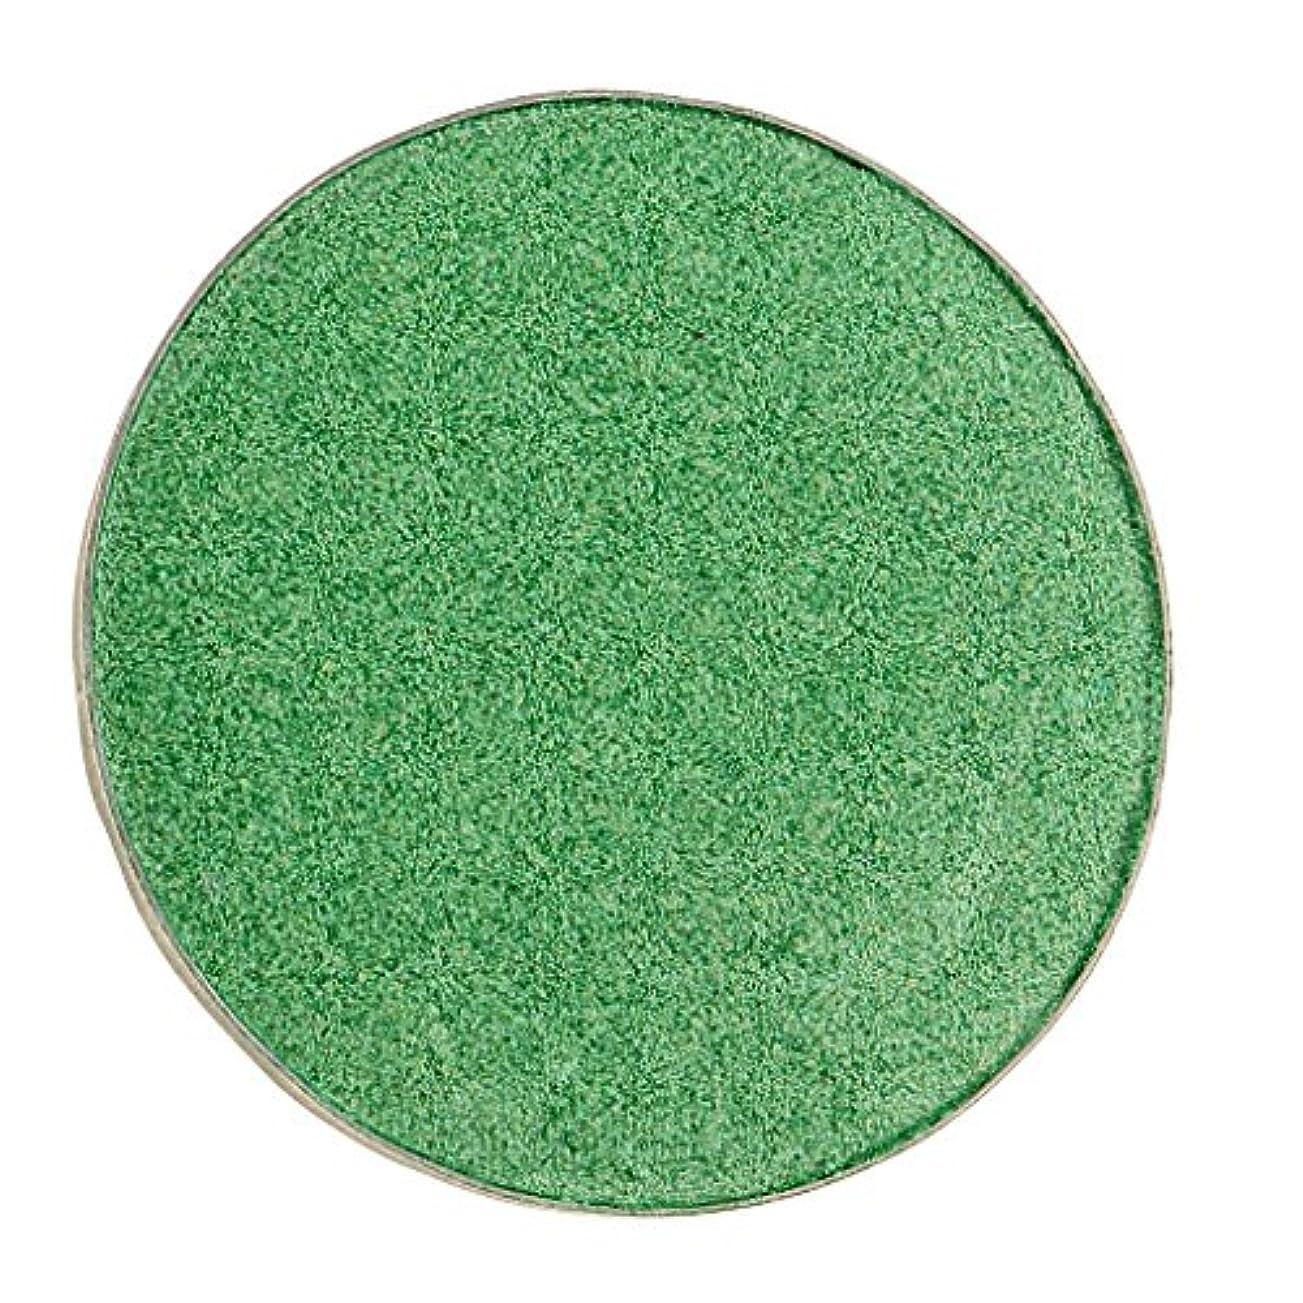 カプセル日付心理学Baosity 化粧品用 アイシャドウ ハイライター パレット マット シマー アイシャドーメイク 目 魅力的 全5色 - #38グリーン